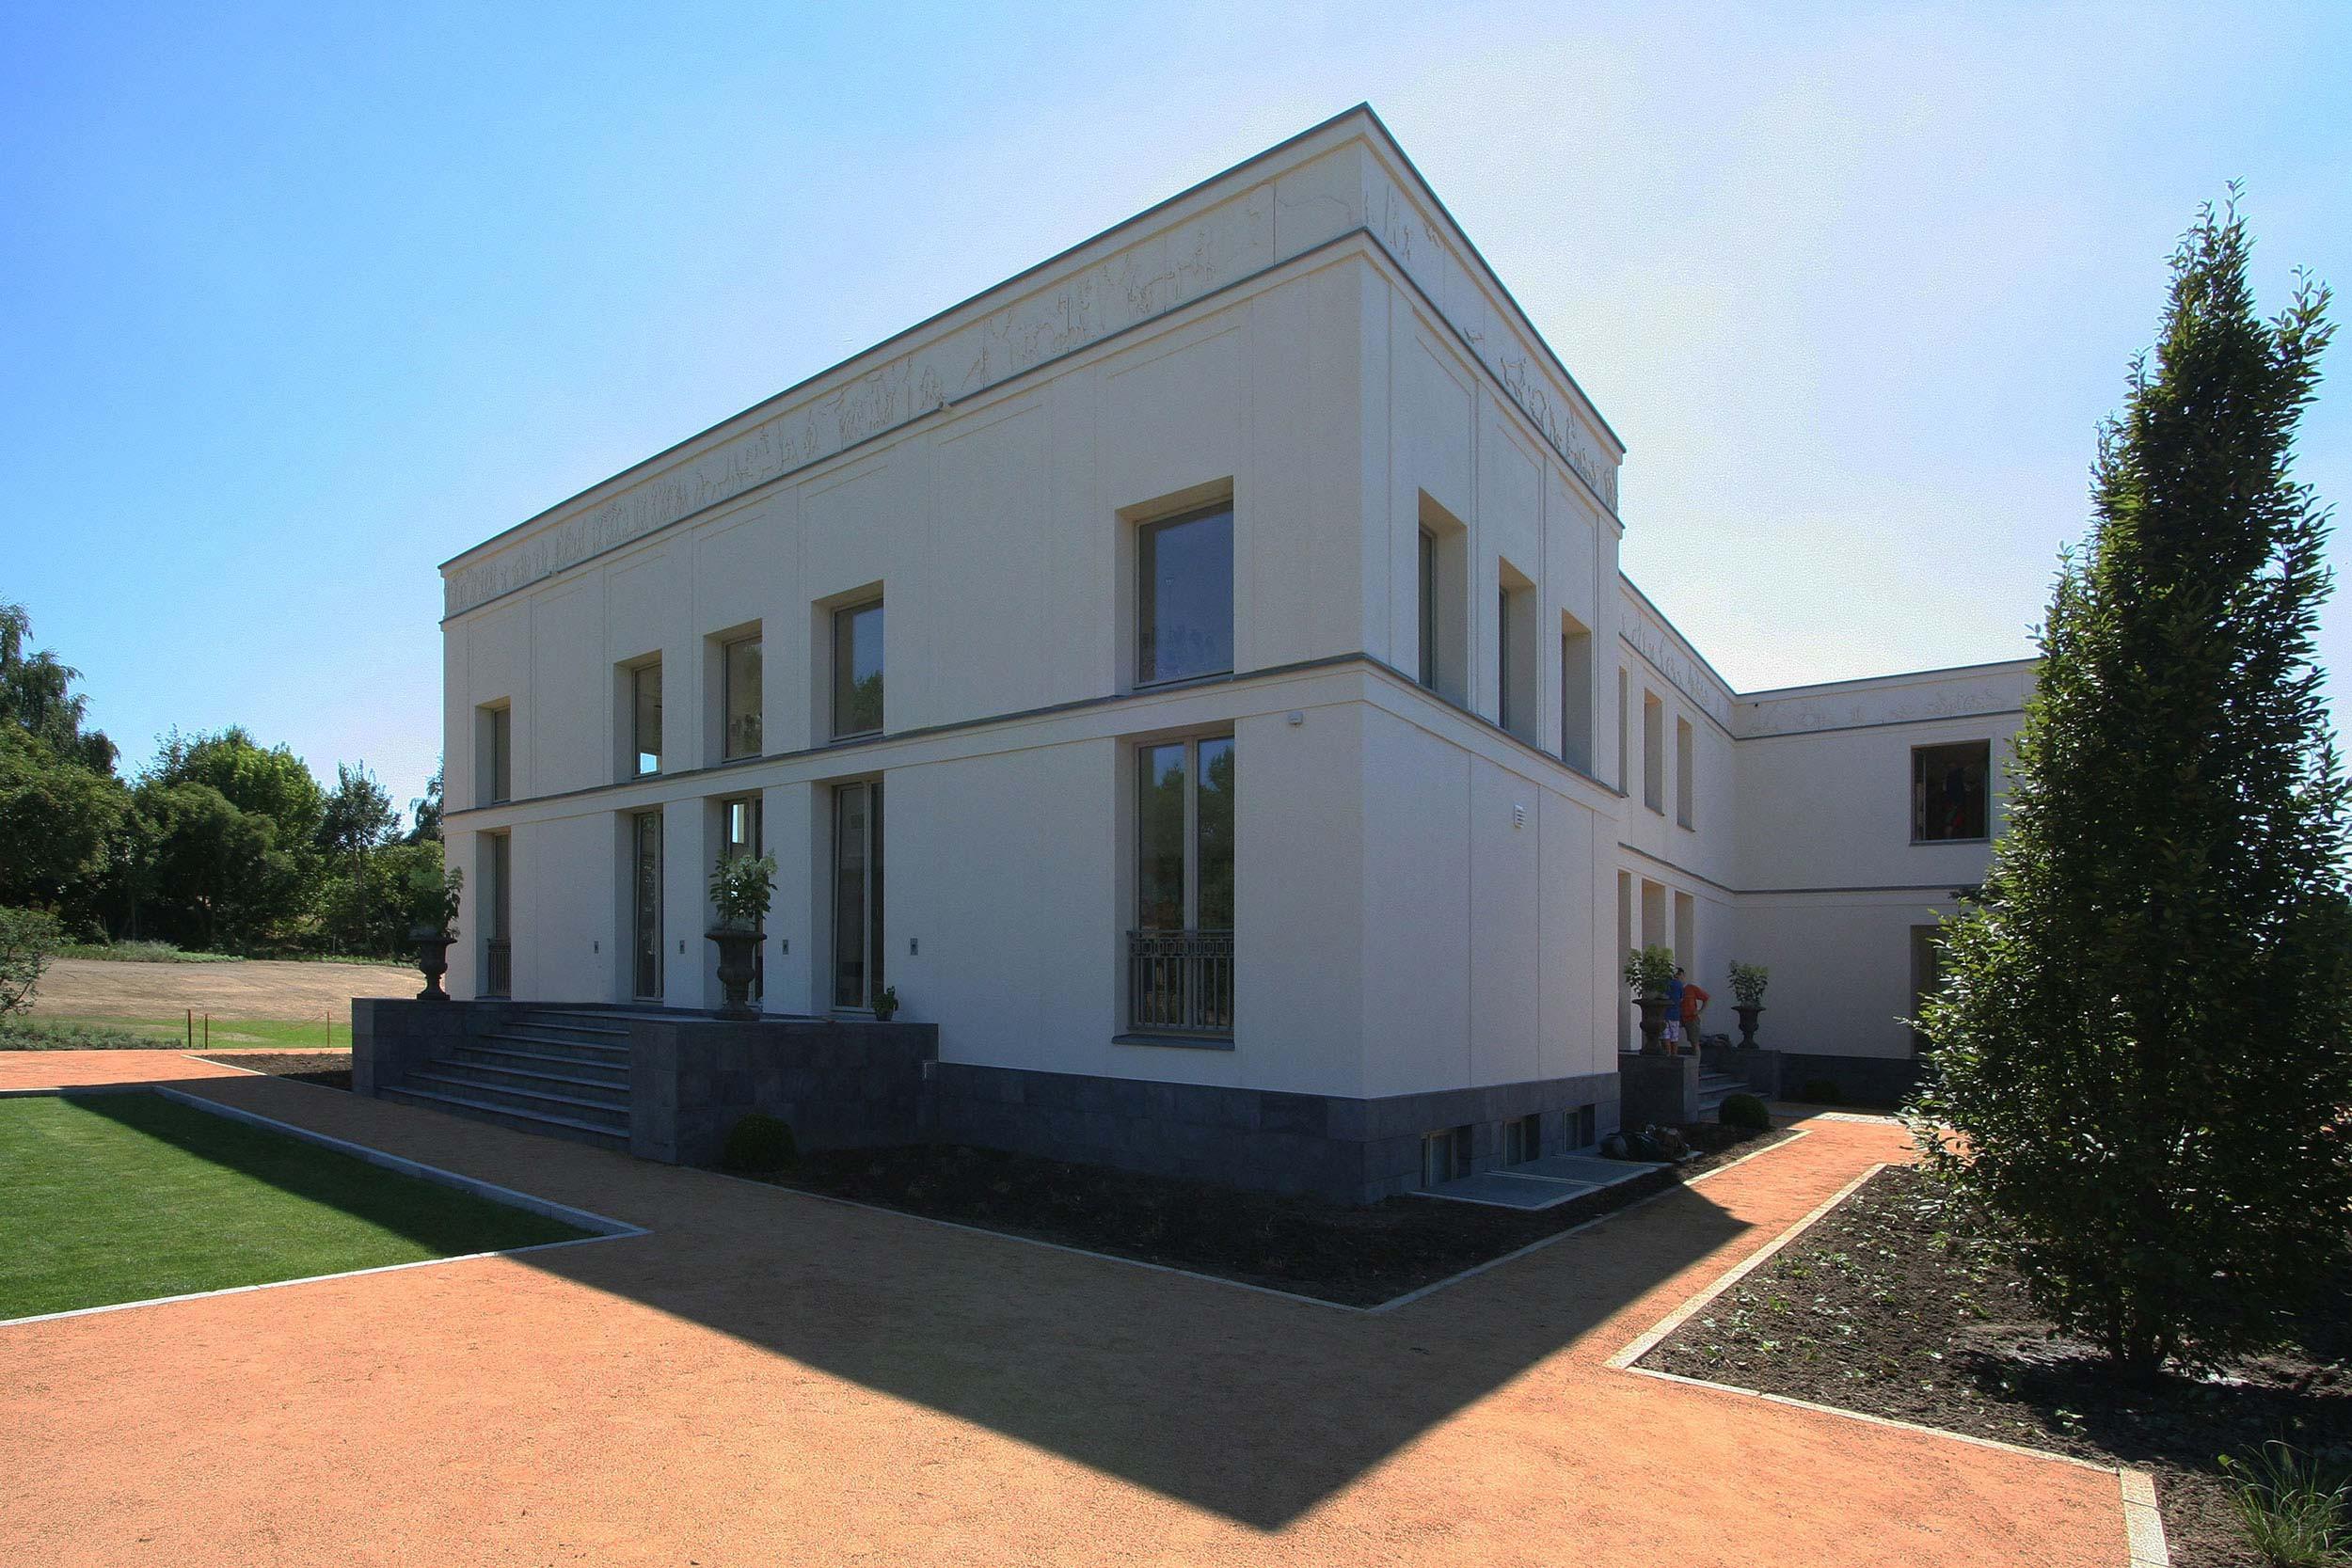 KLASSIK UND TRADITION - Neubau klassizistische Villa - Sandwege binden die Villa in den Garten und die Landschaft ein.